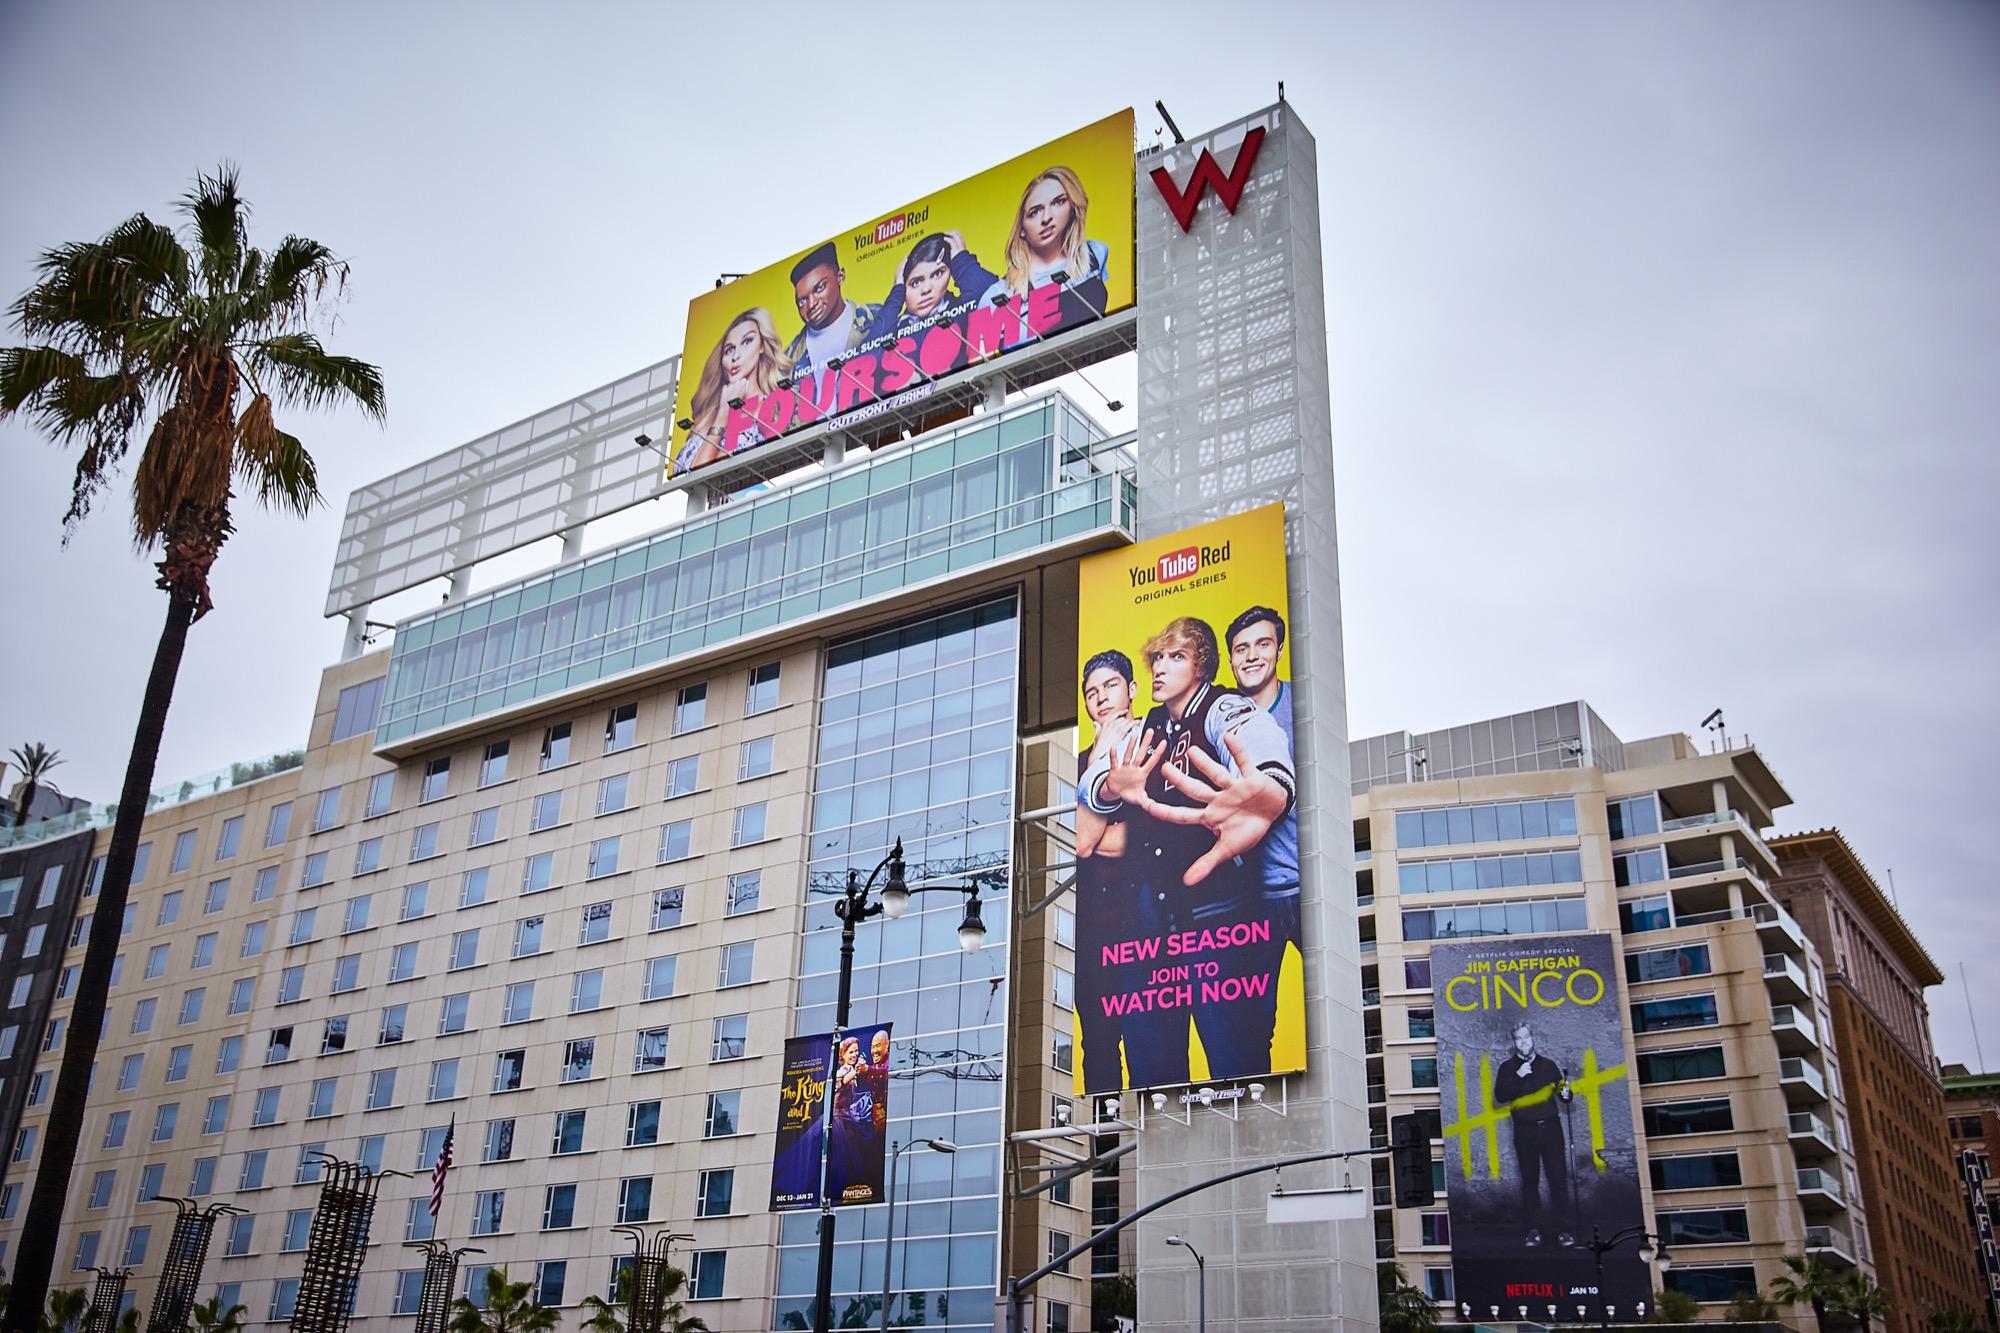 co_billboards265.jpg